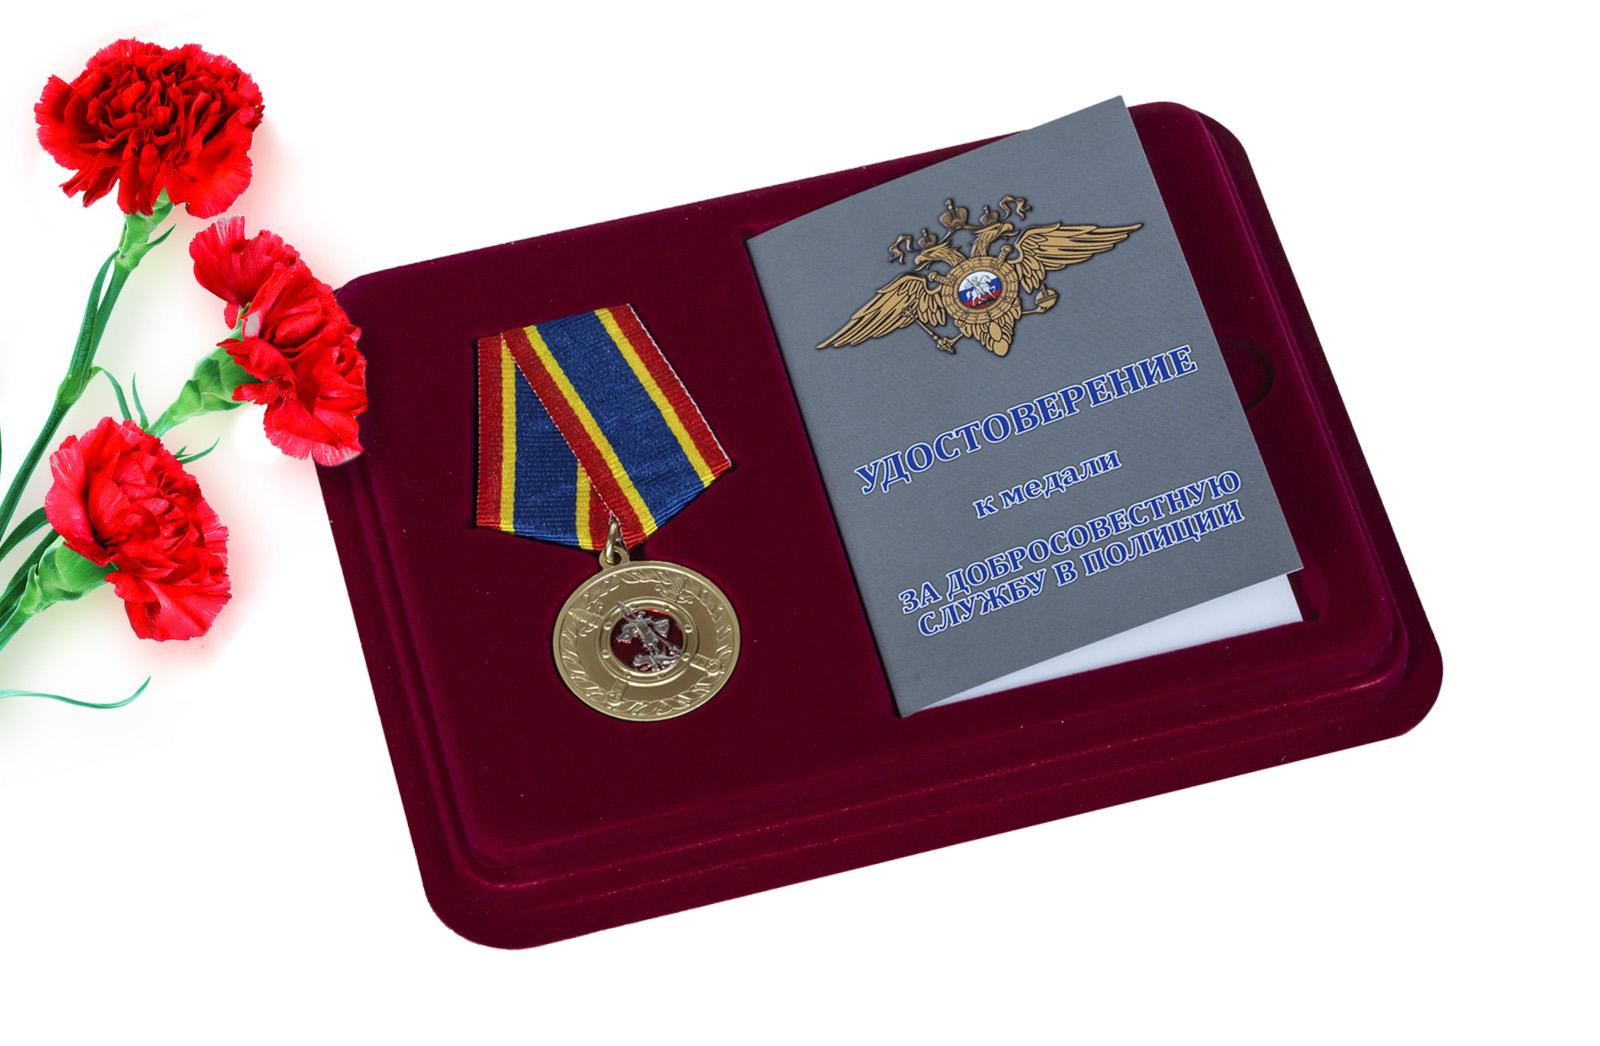 Купить медаль За добросовестную службу в полиции с доставкой в ваш город